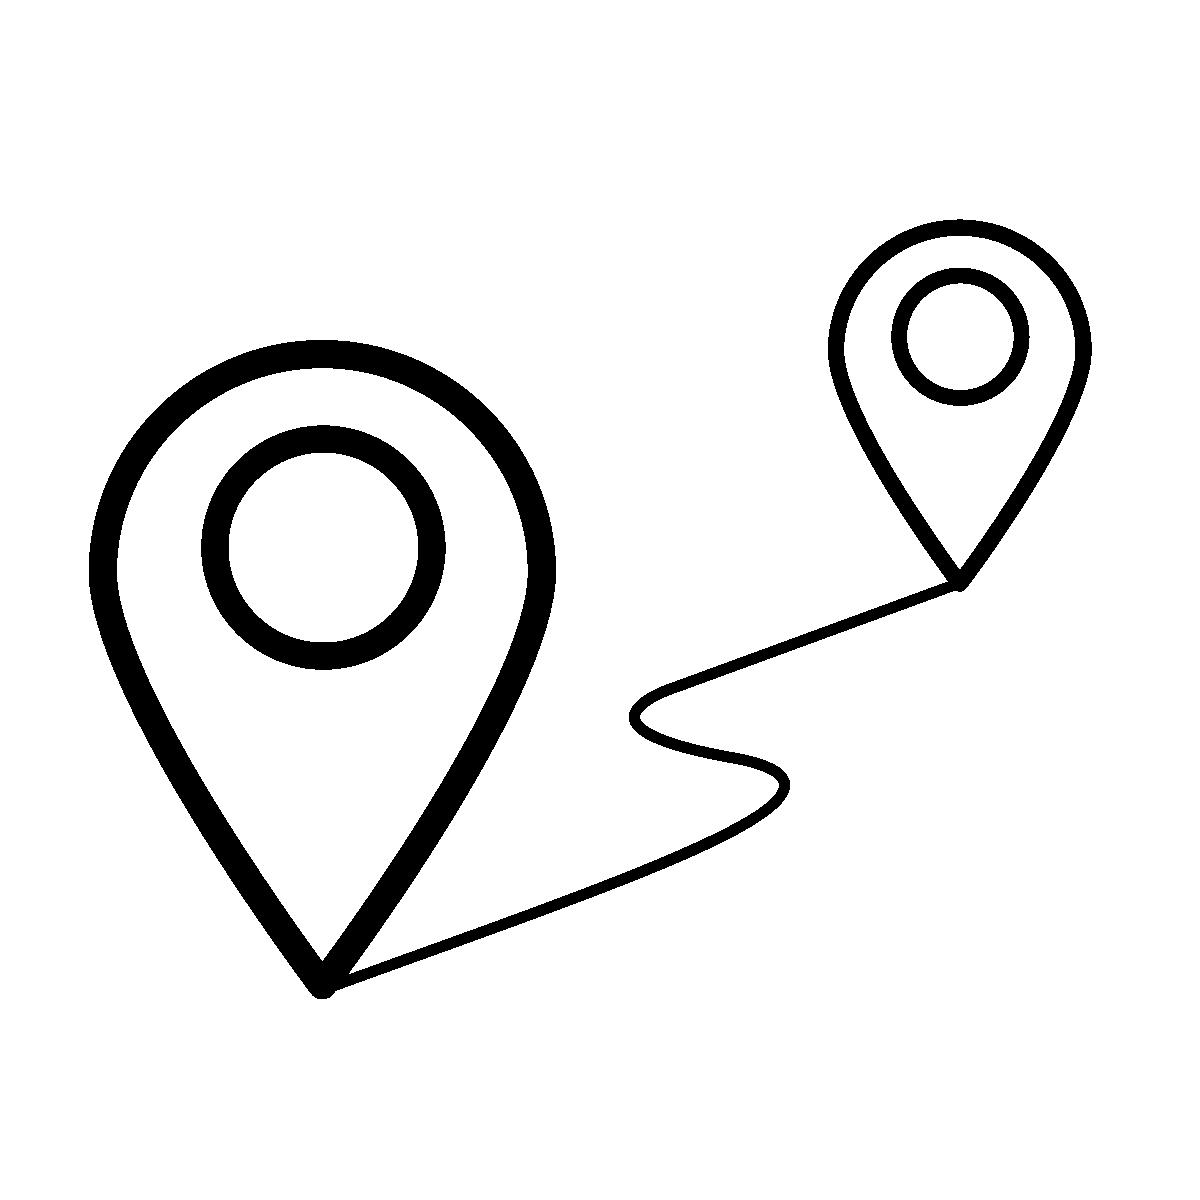 Respecter votre destination initiale - Itineraire PNG